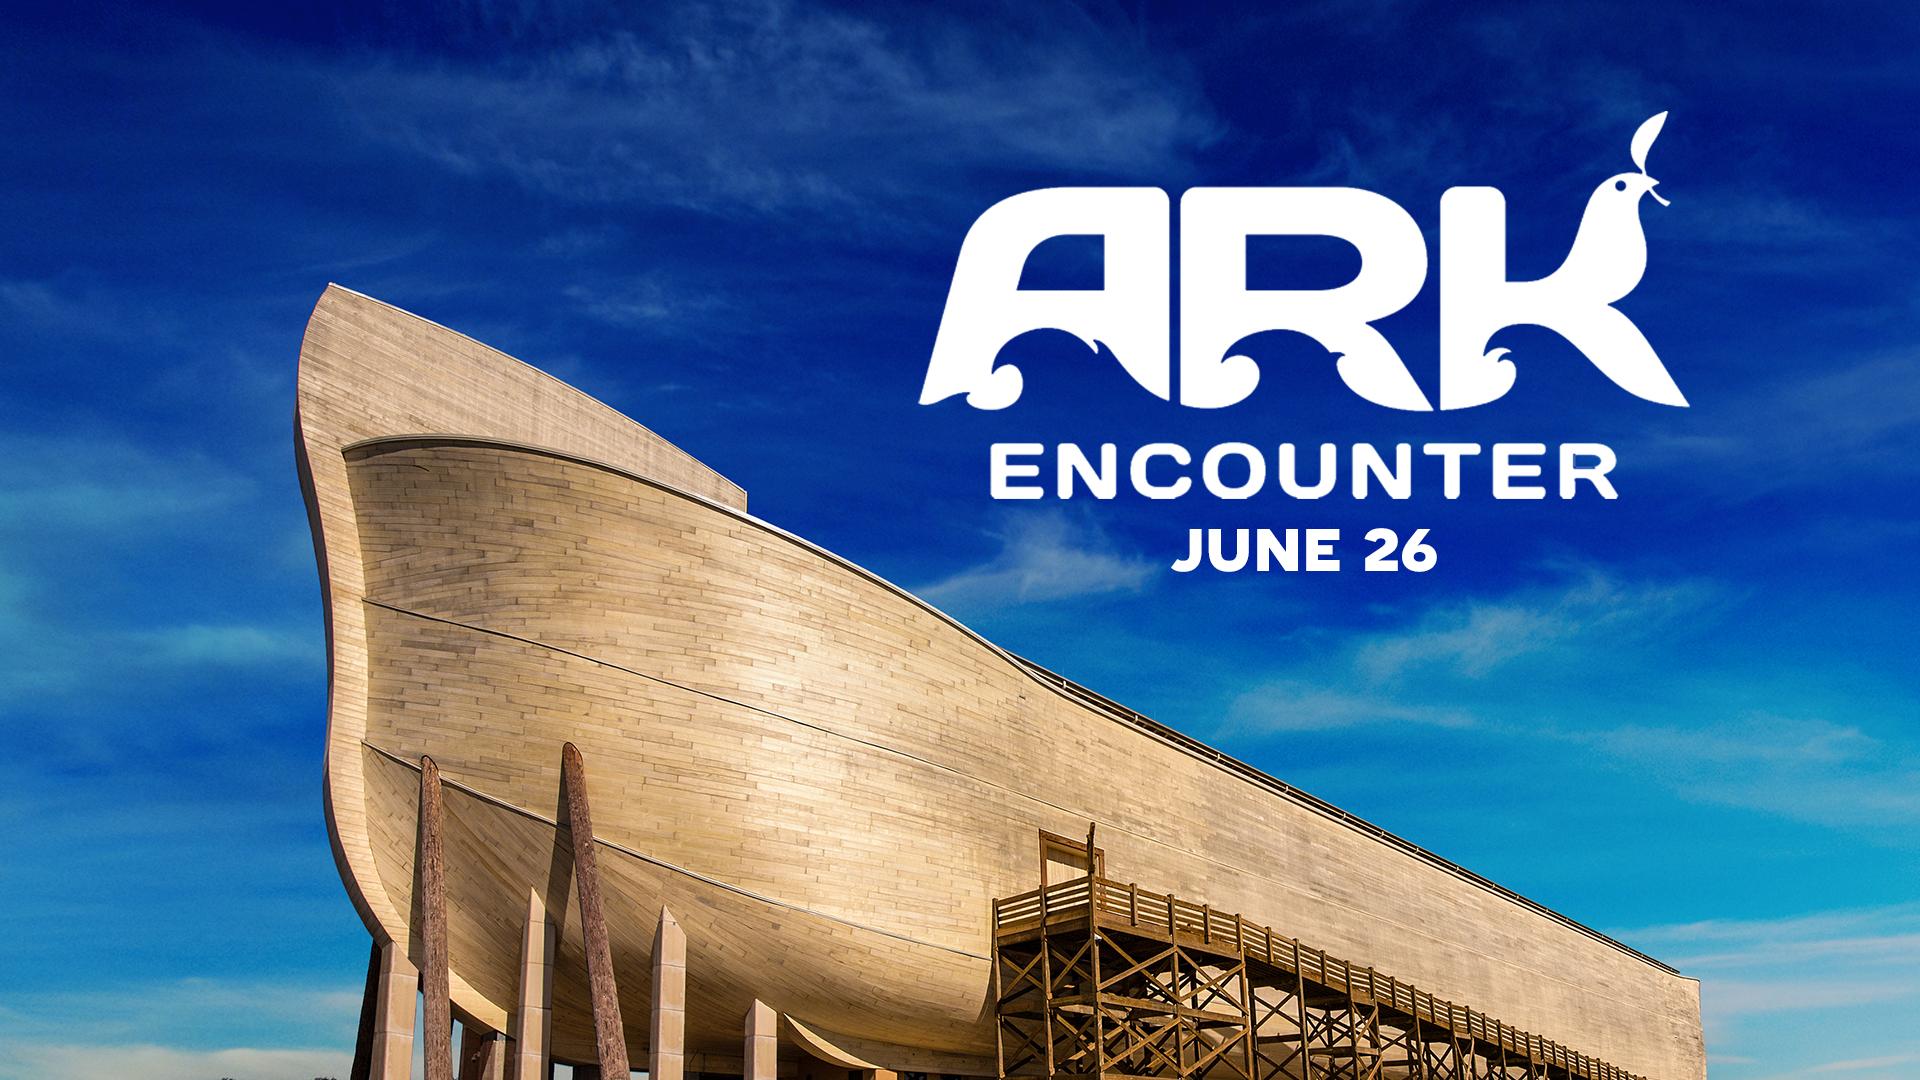 ark encounter june2018.jpg